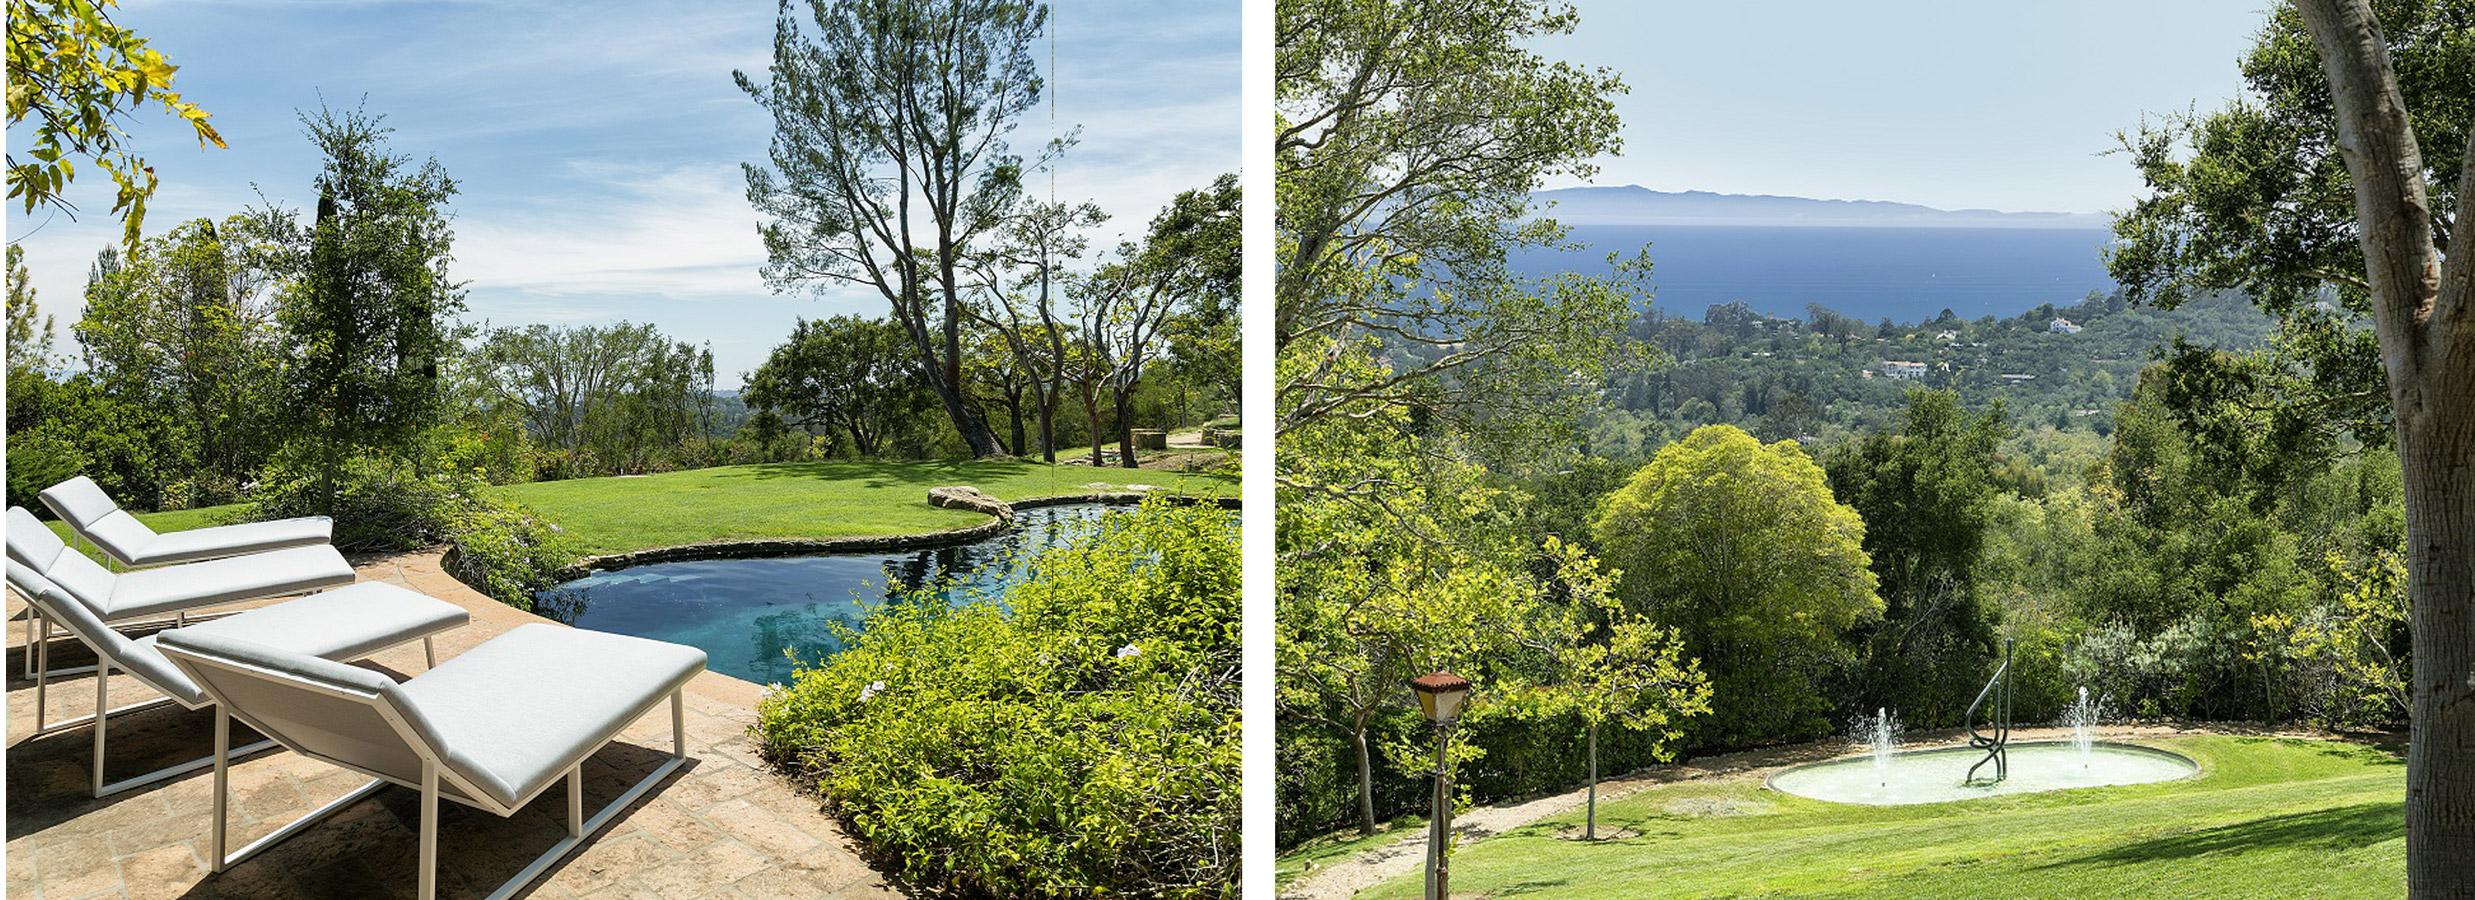 Loggin-Montecito-pool-2.jpg